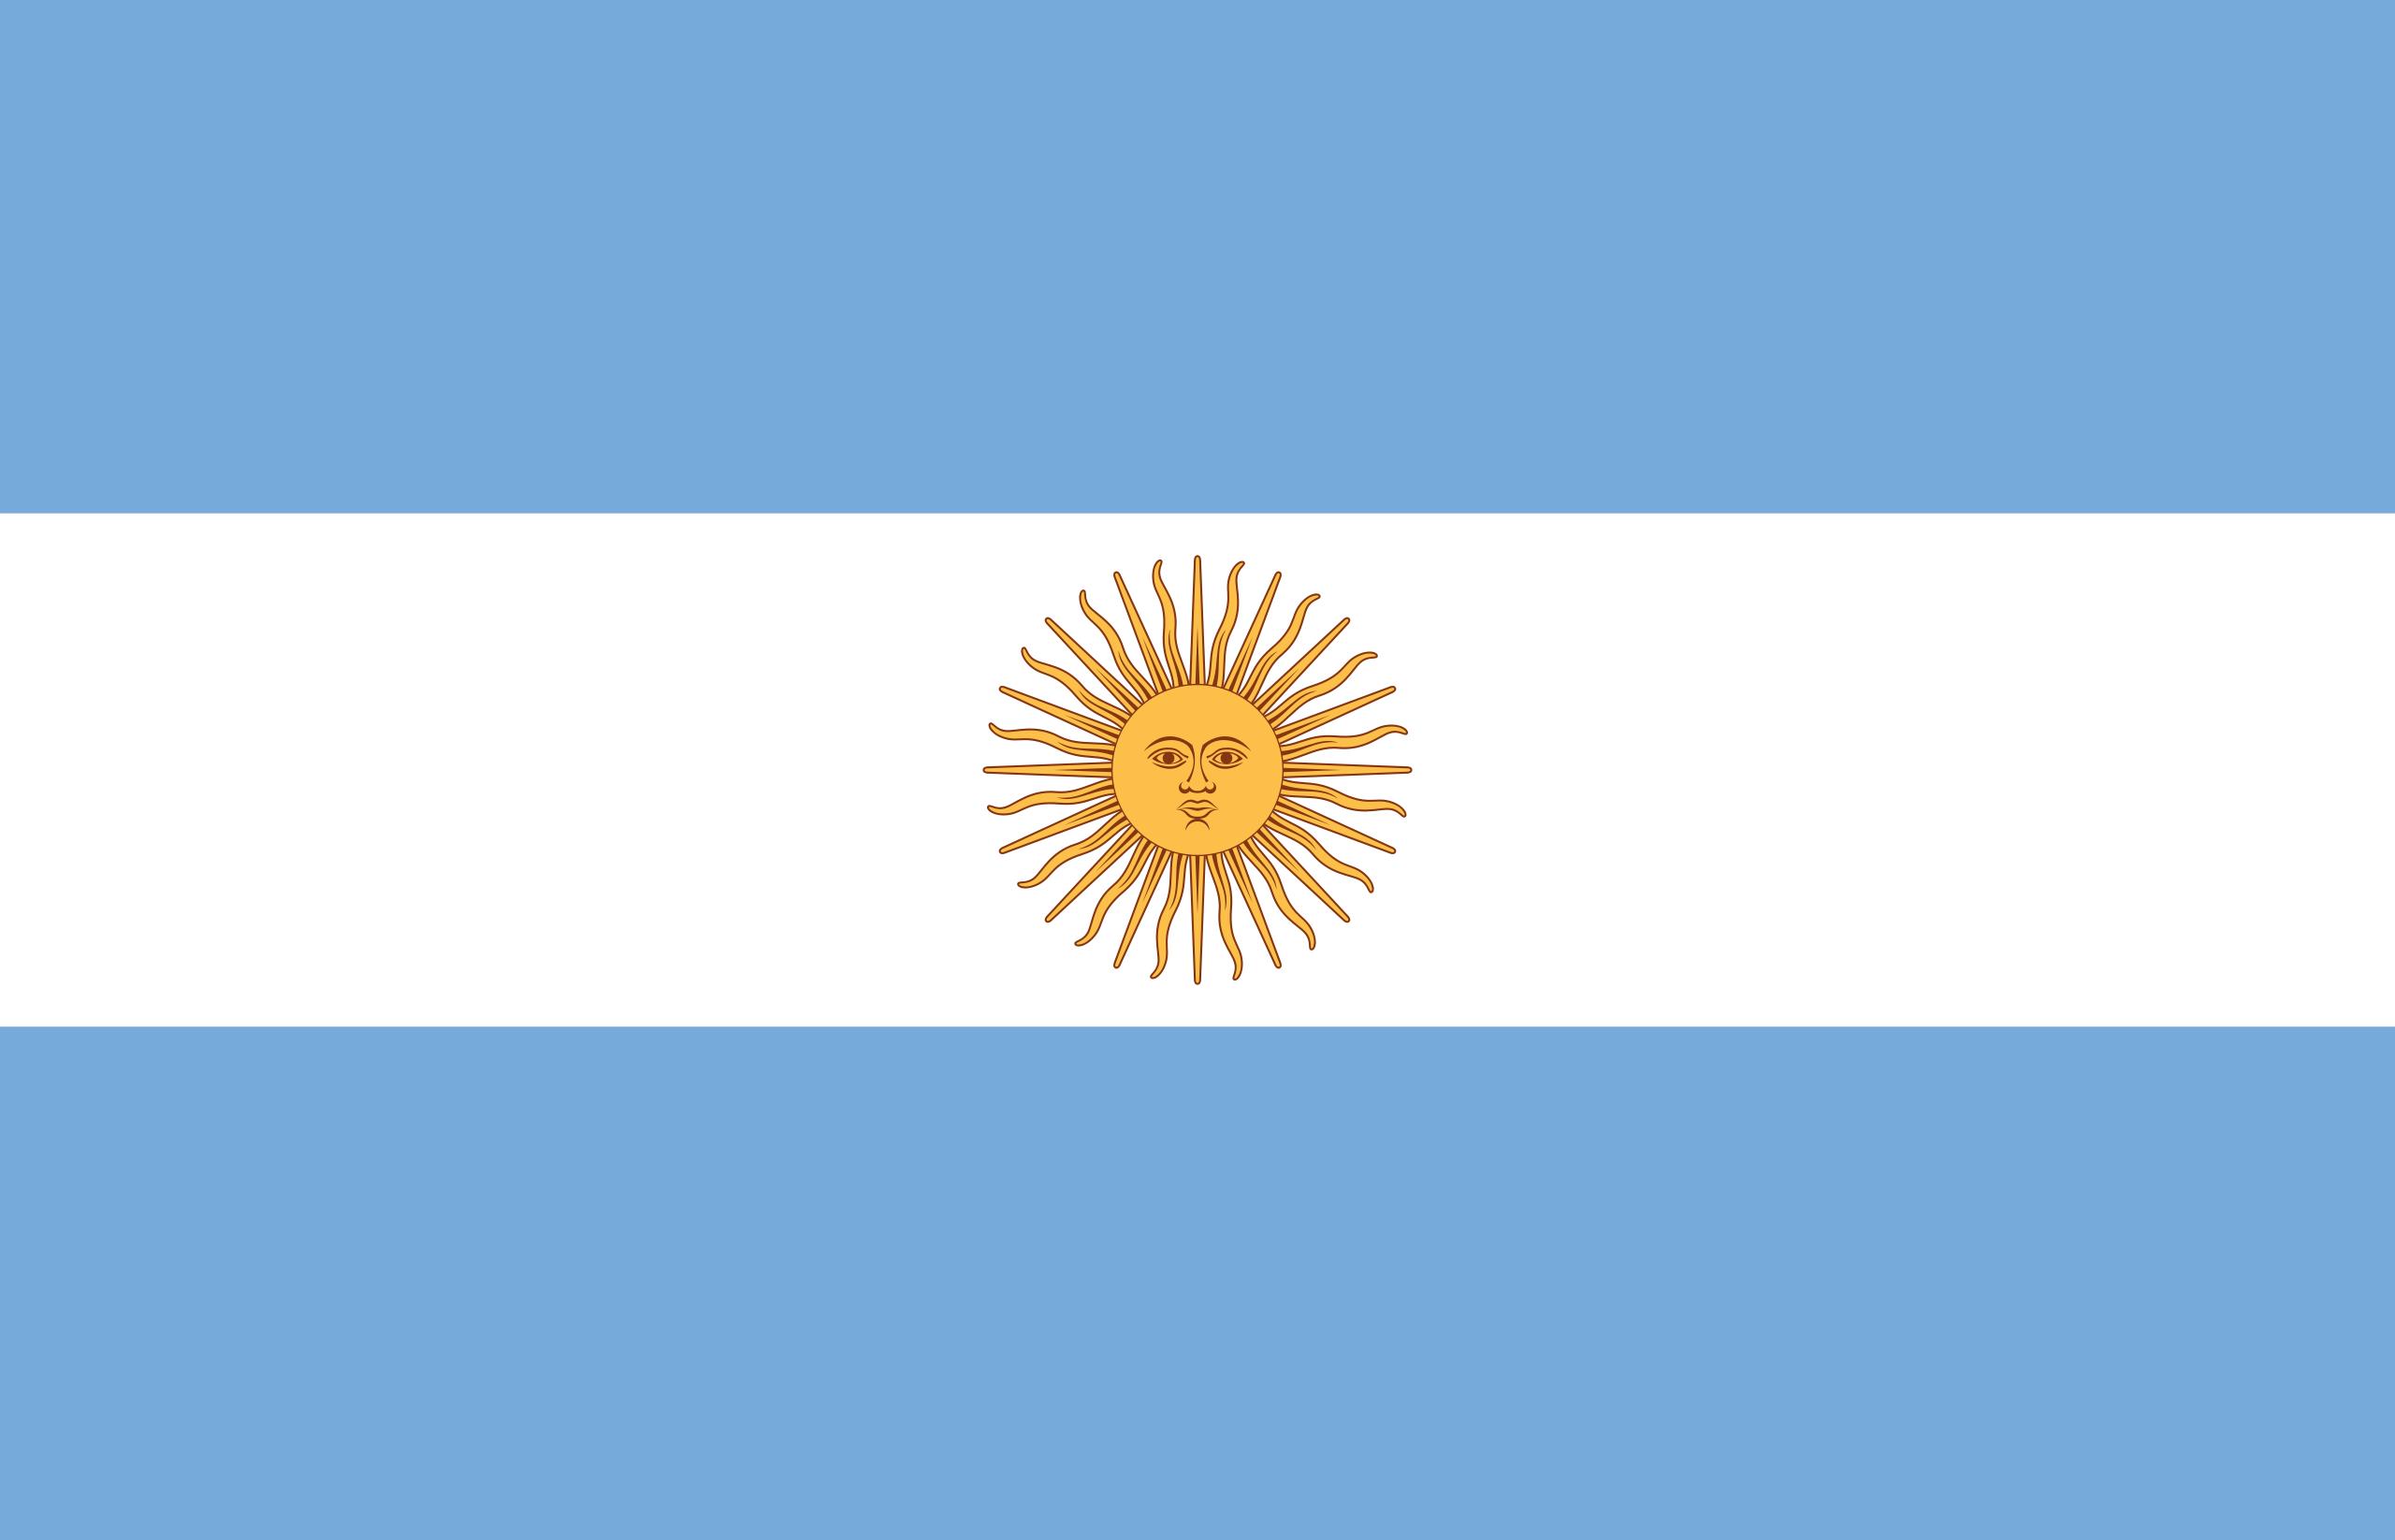 अर्जेंटीना, देश, emblema, लोग�प्रतीकbolo - HD वॉलपेपर - प्रोफेसर-falken.com